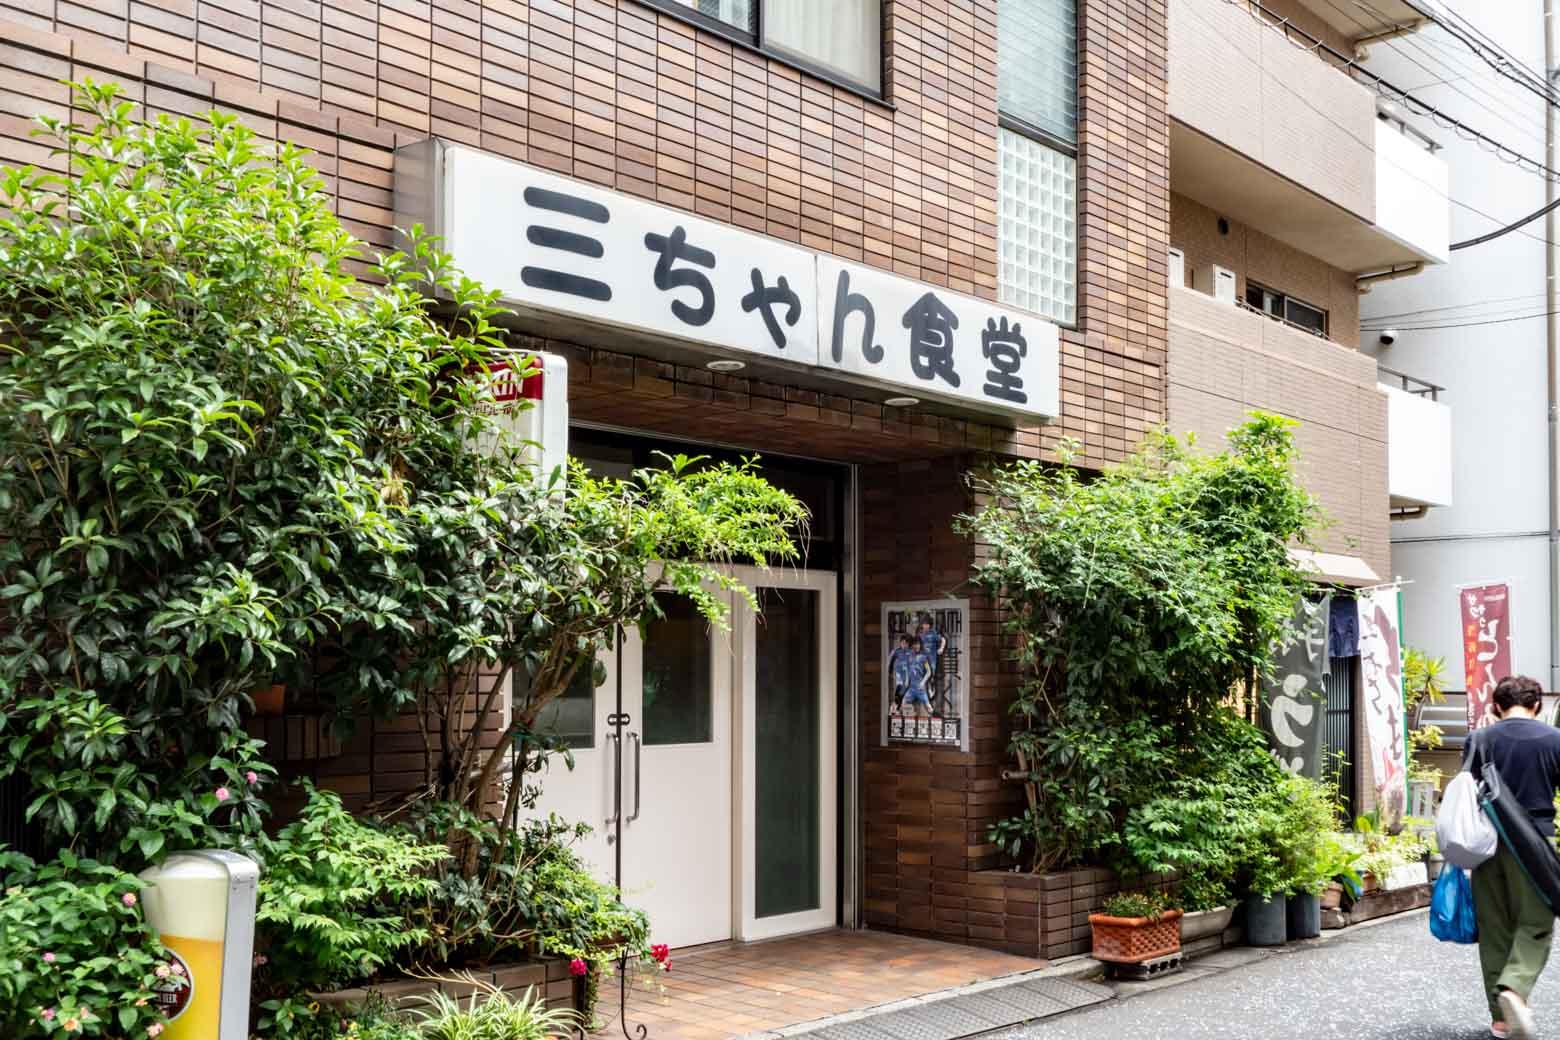 新丸子の有名店、三ちゃん食堂です。もともとは中華料理屋だったそうですが、いつの間にか居酒屋になっていたとか。開店前には行列ができることも。